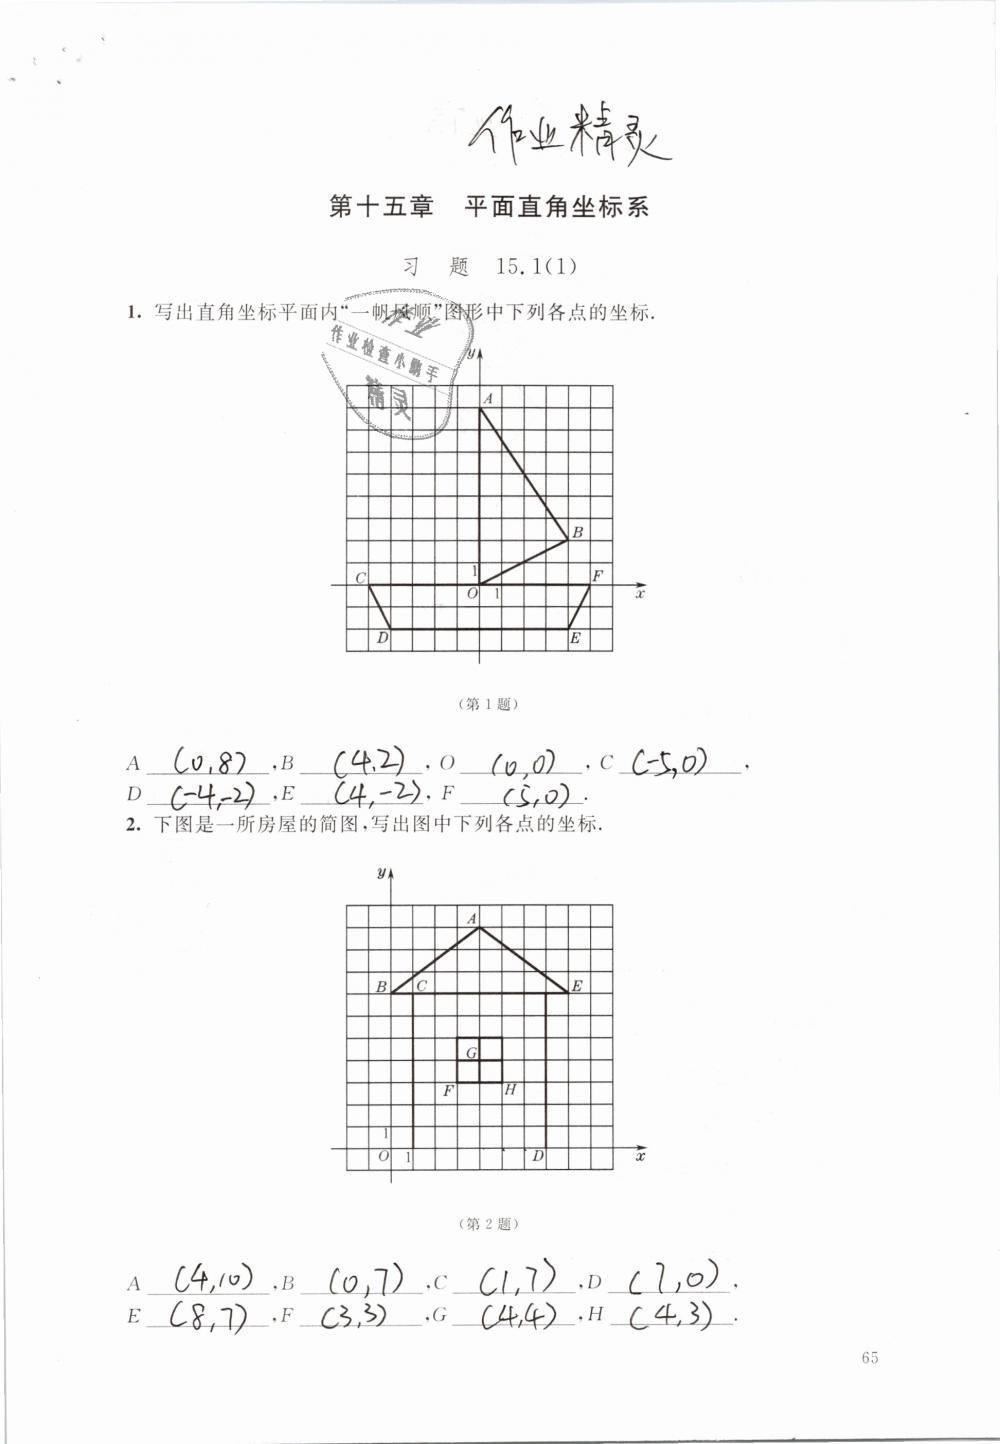 2019年数学练习部分七年级第二学期第65页